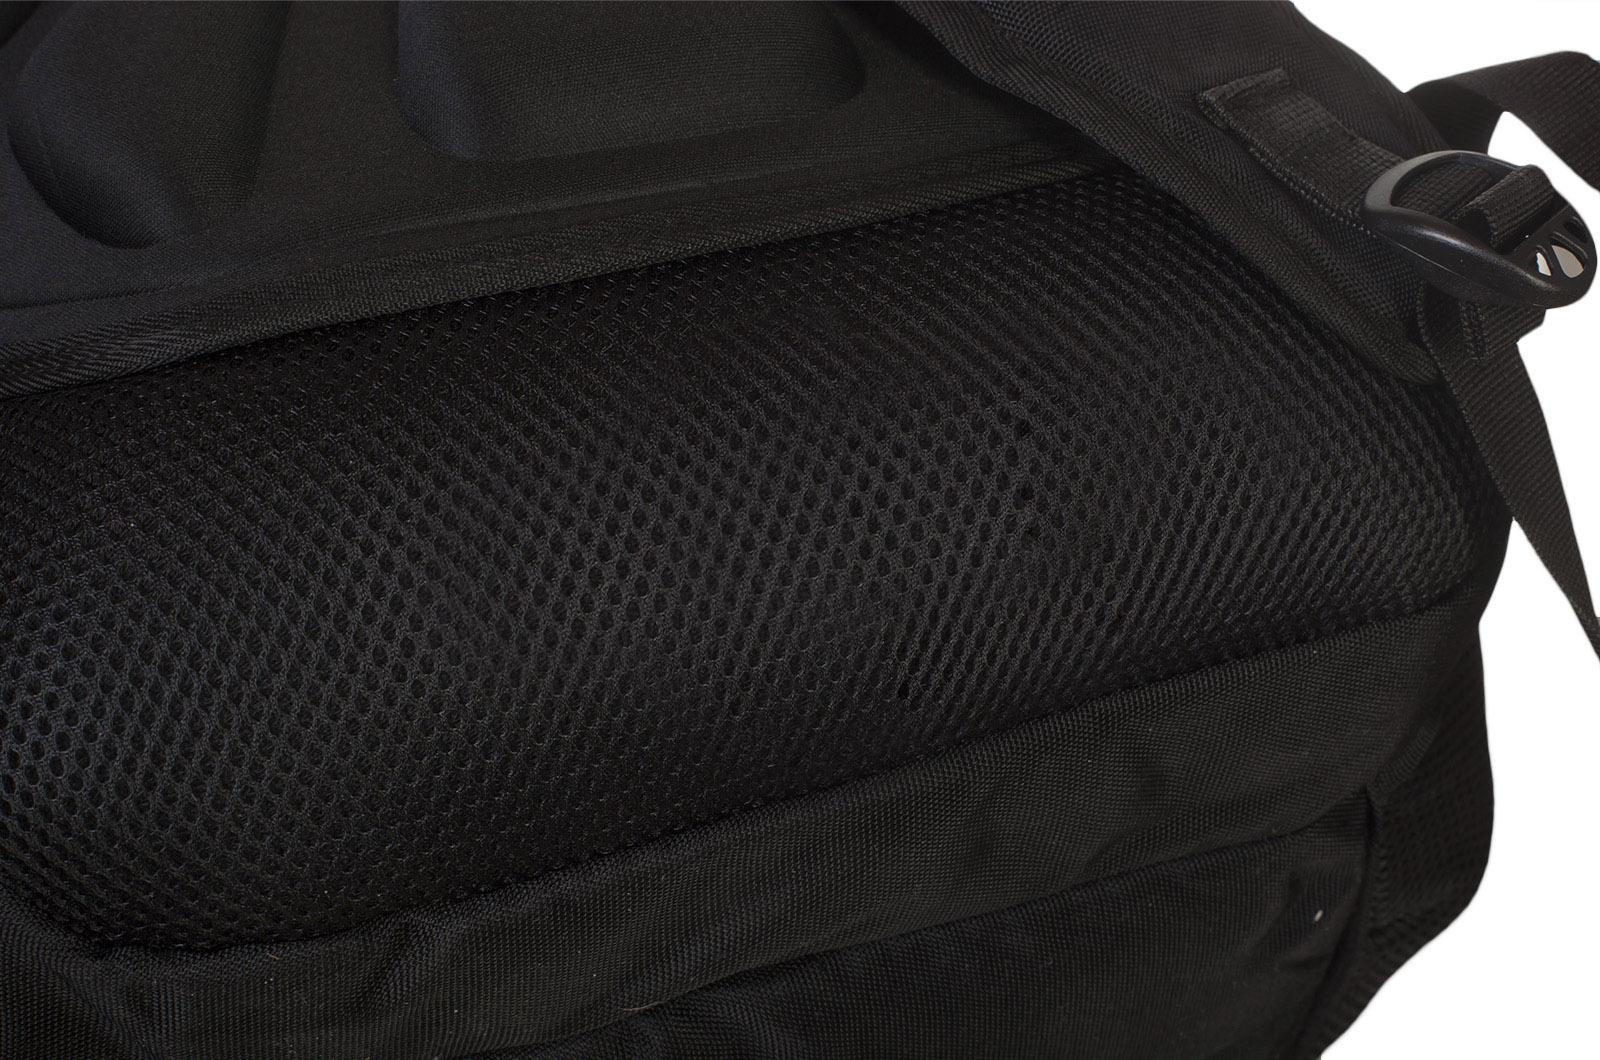 Универсальный городской рюкзак с шевроном Танковых войск купить выгодно